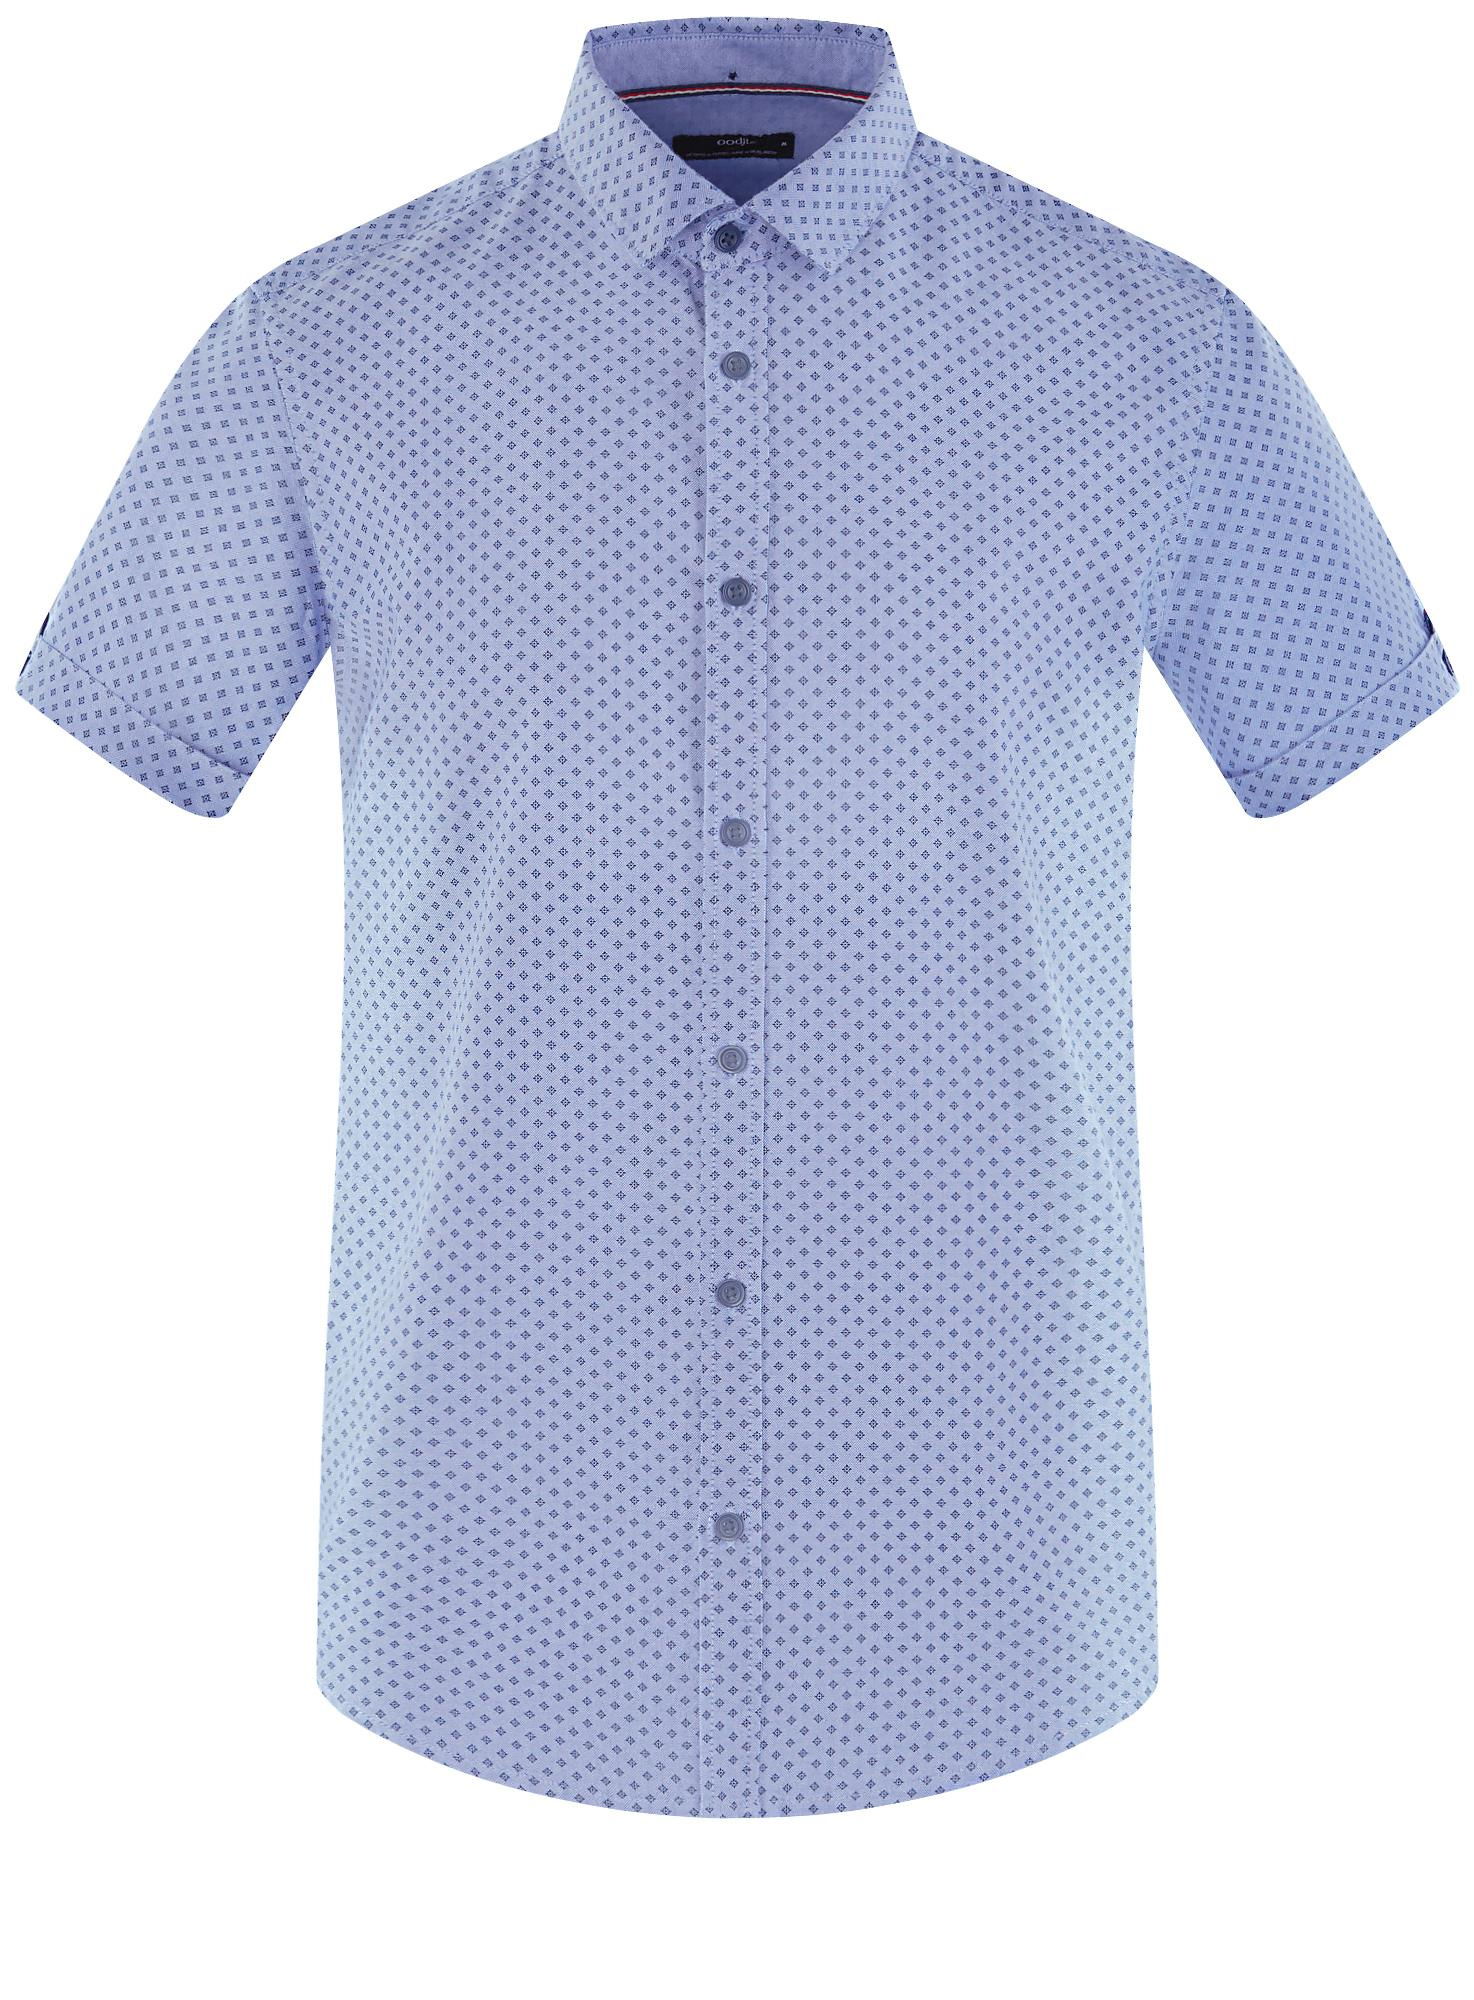 Рубашка хлопковая с коротким рукавом oodji для мужчины (синий), 3L410136M/49174N/7079G